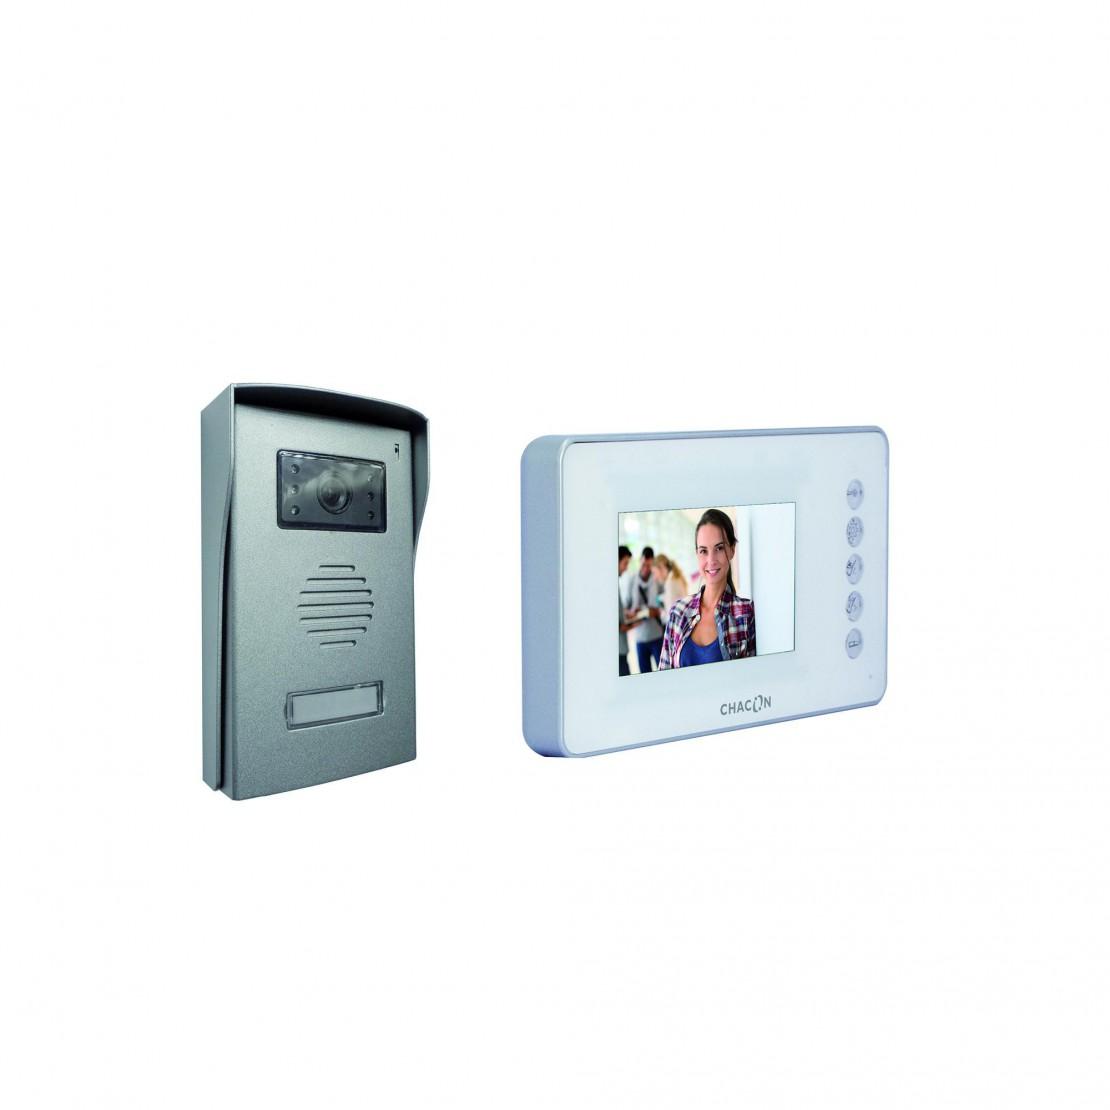 Videofoon met 4-draadsaansluiting, 3,5 inch, wit